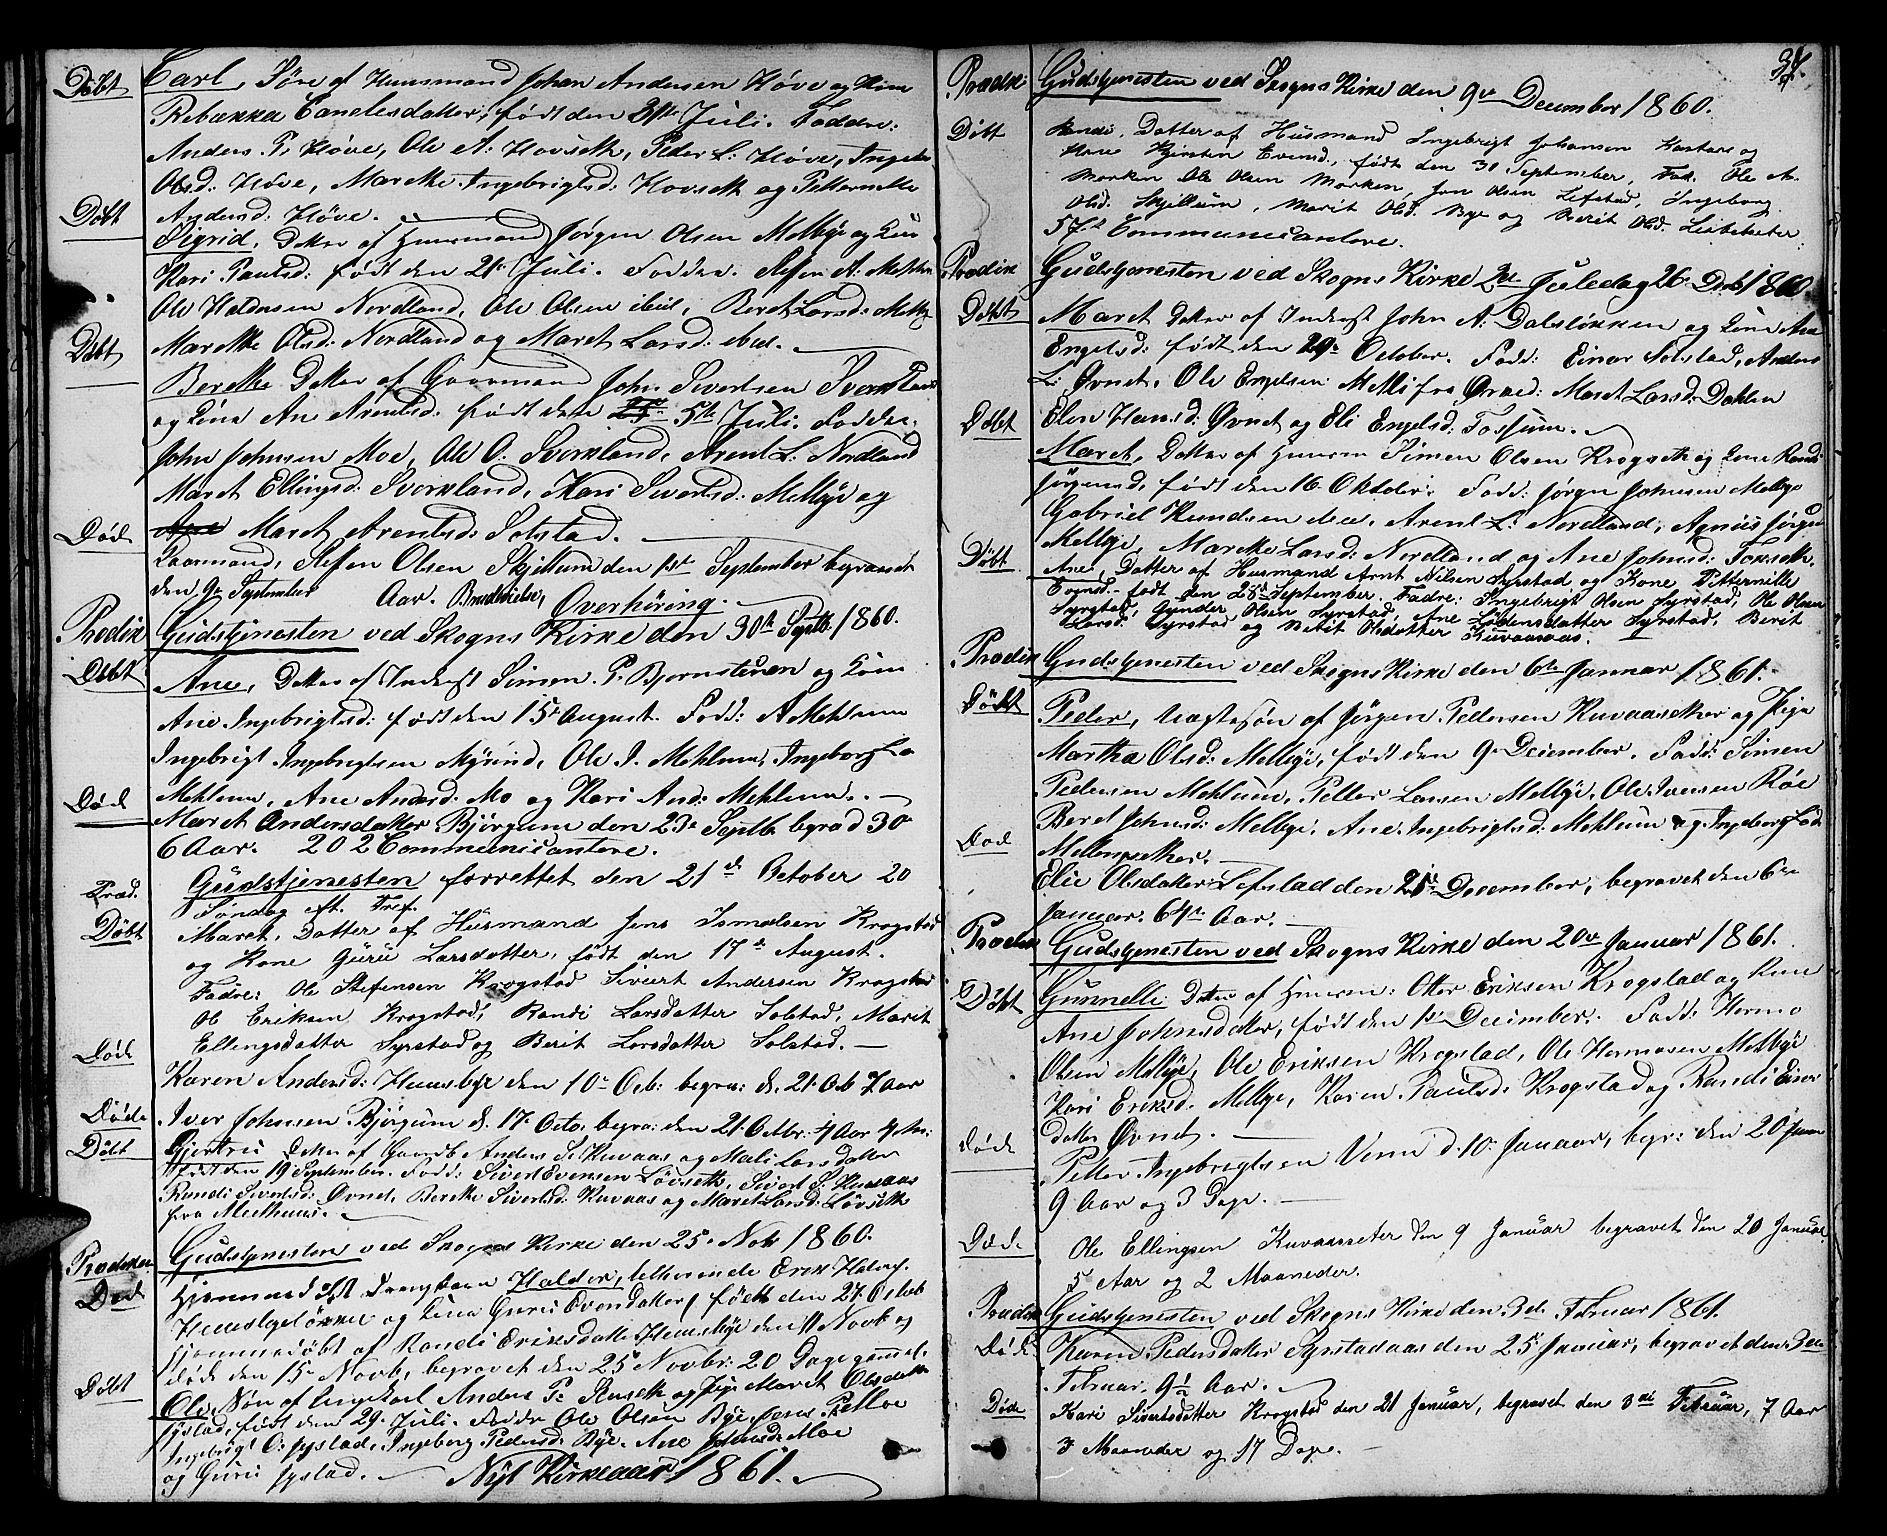 SAT, Ministerialprotokoller, klokkerbøker og fødselsregistre - Sør-Trøndelag, 667/L0797: Klokkerbok nr. 667C02, 1849-1867, s. 37